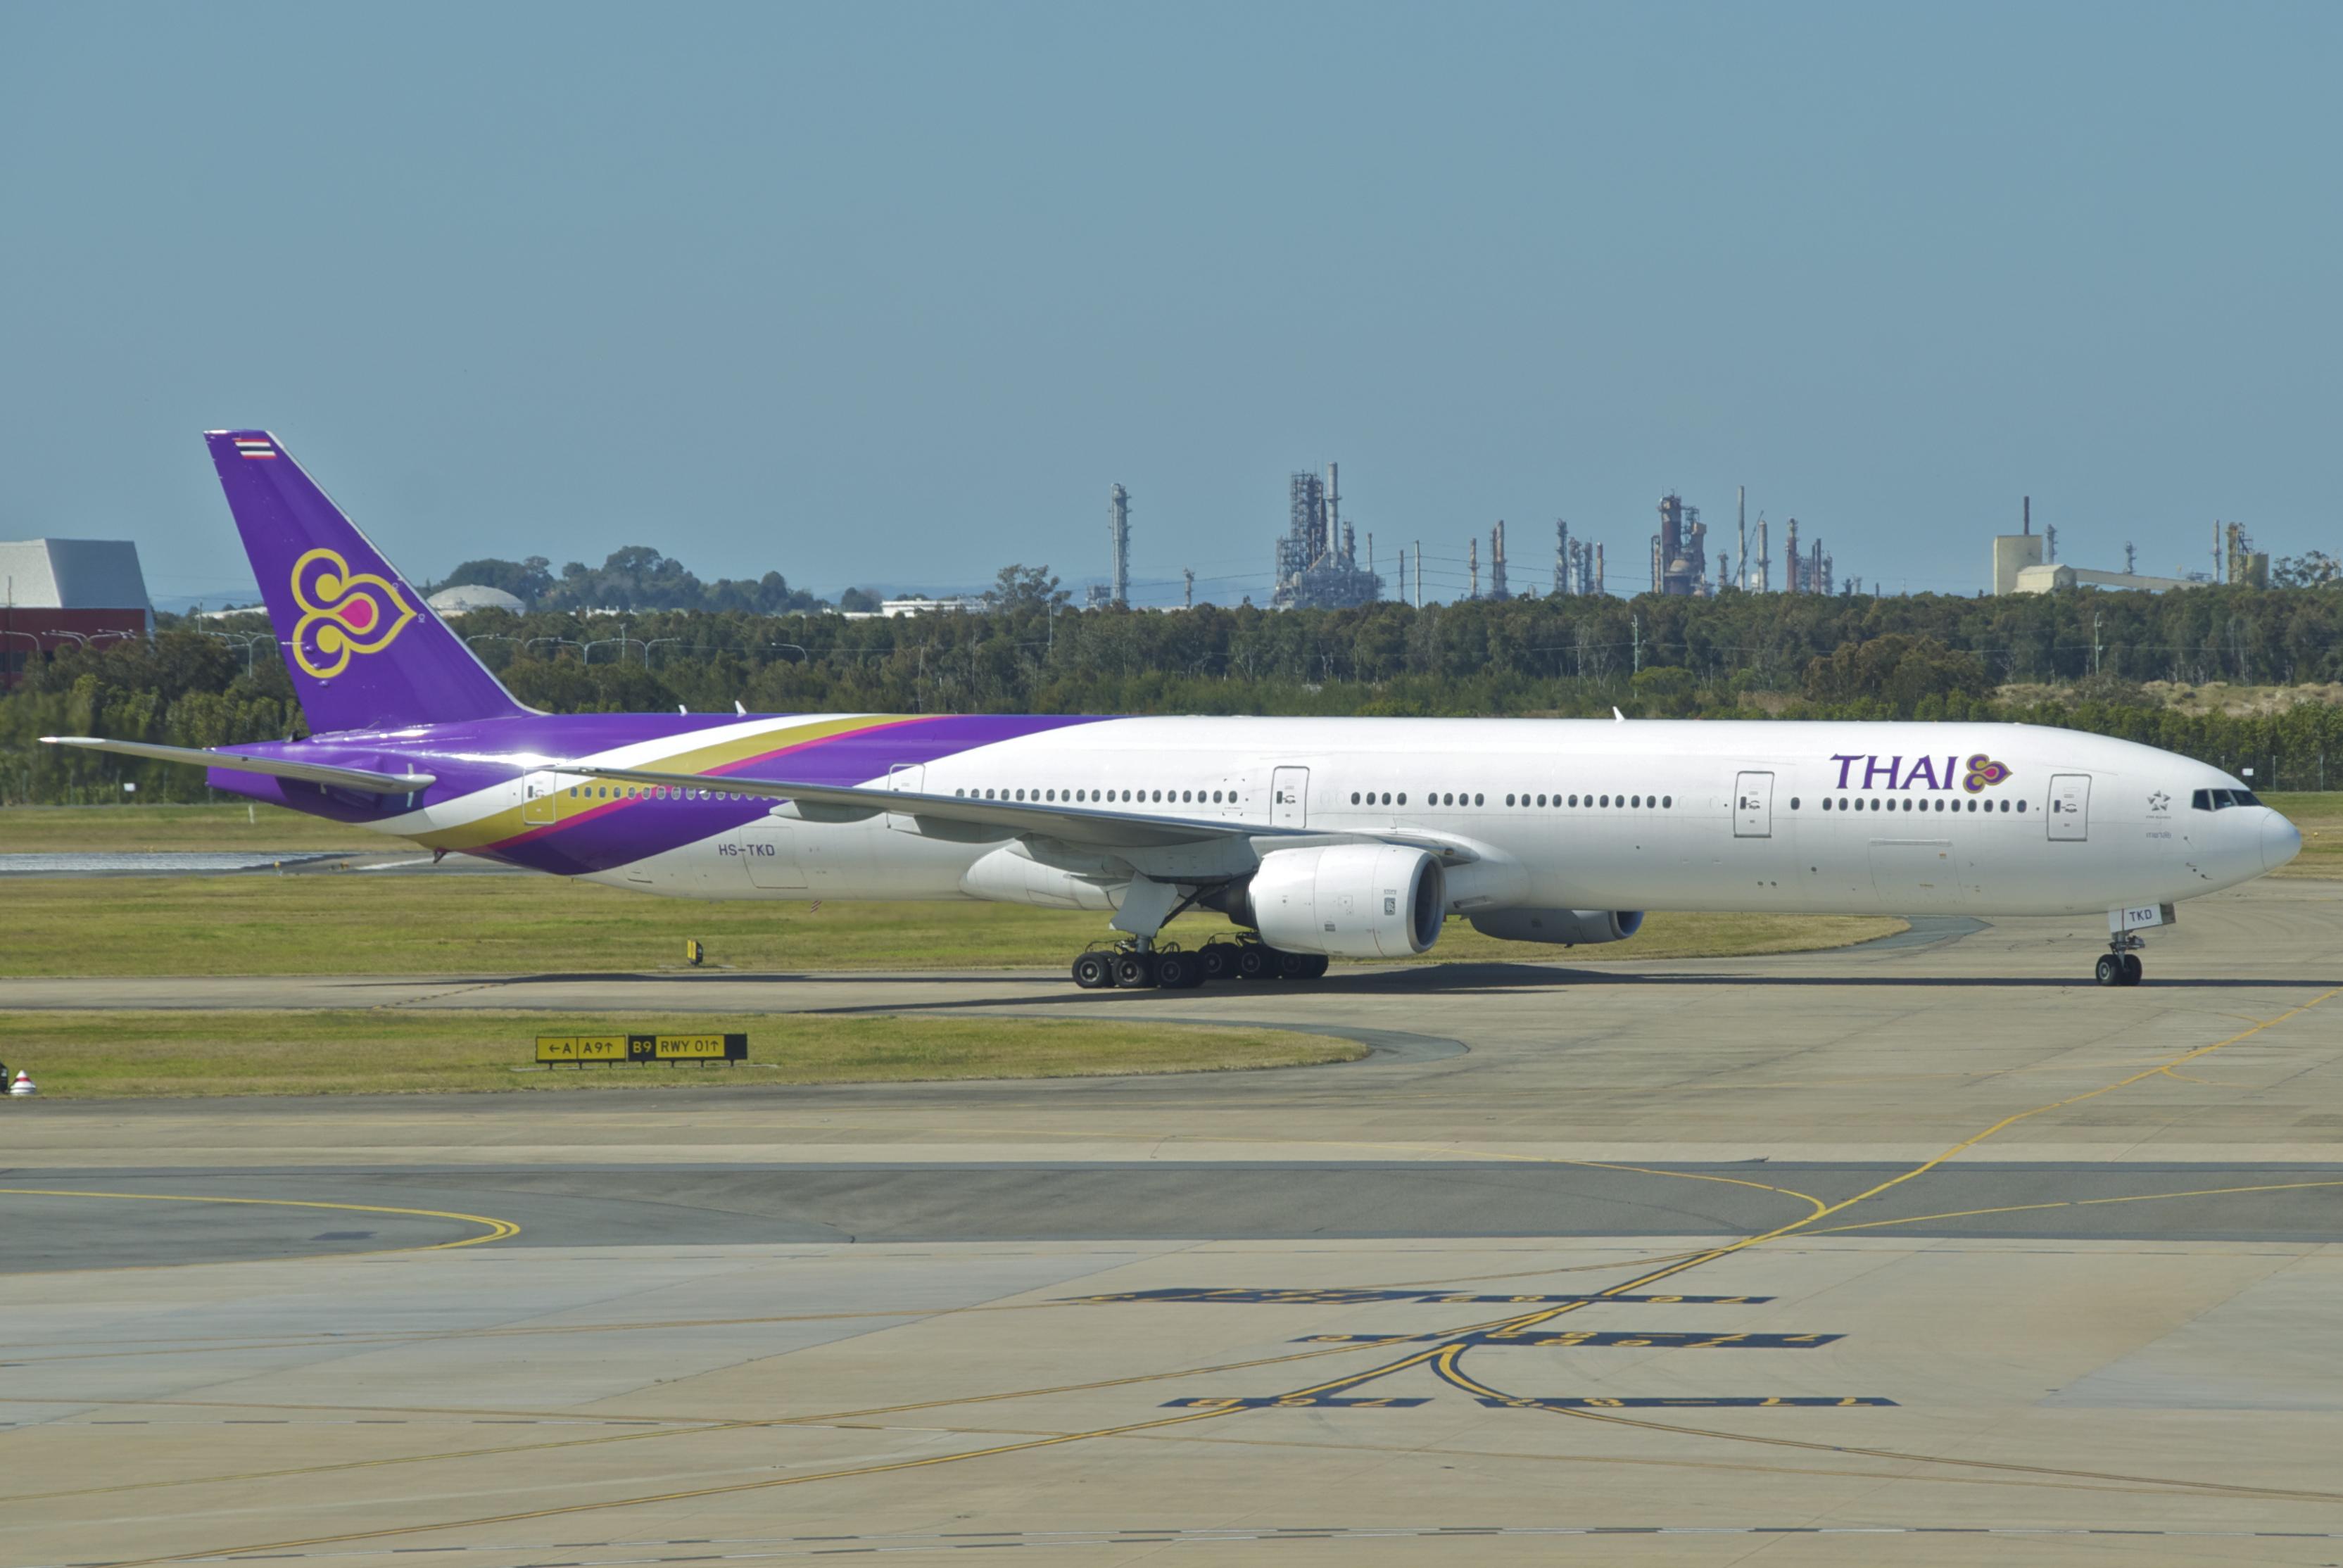 Thai Airways | Wiki & Review | Everipedia